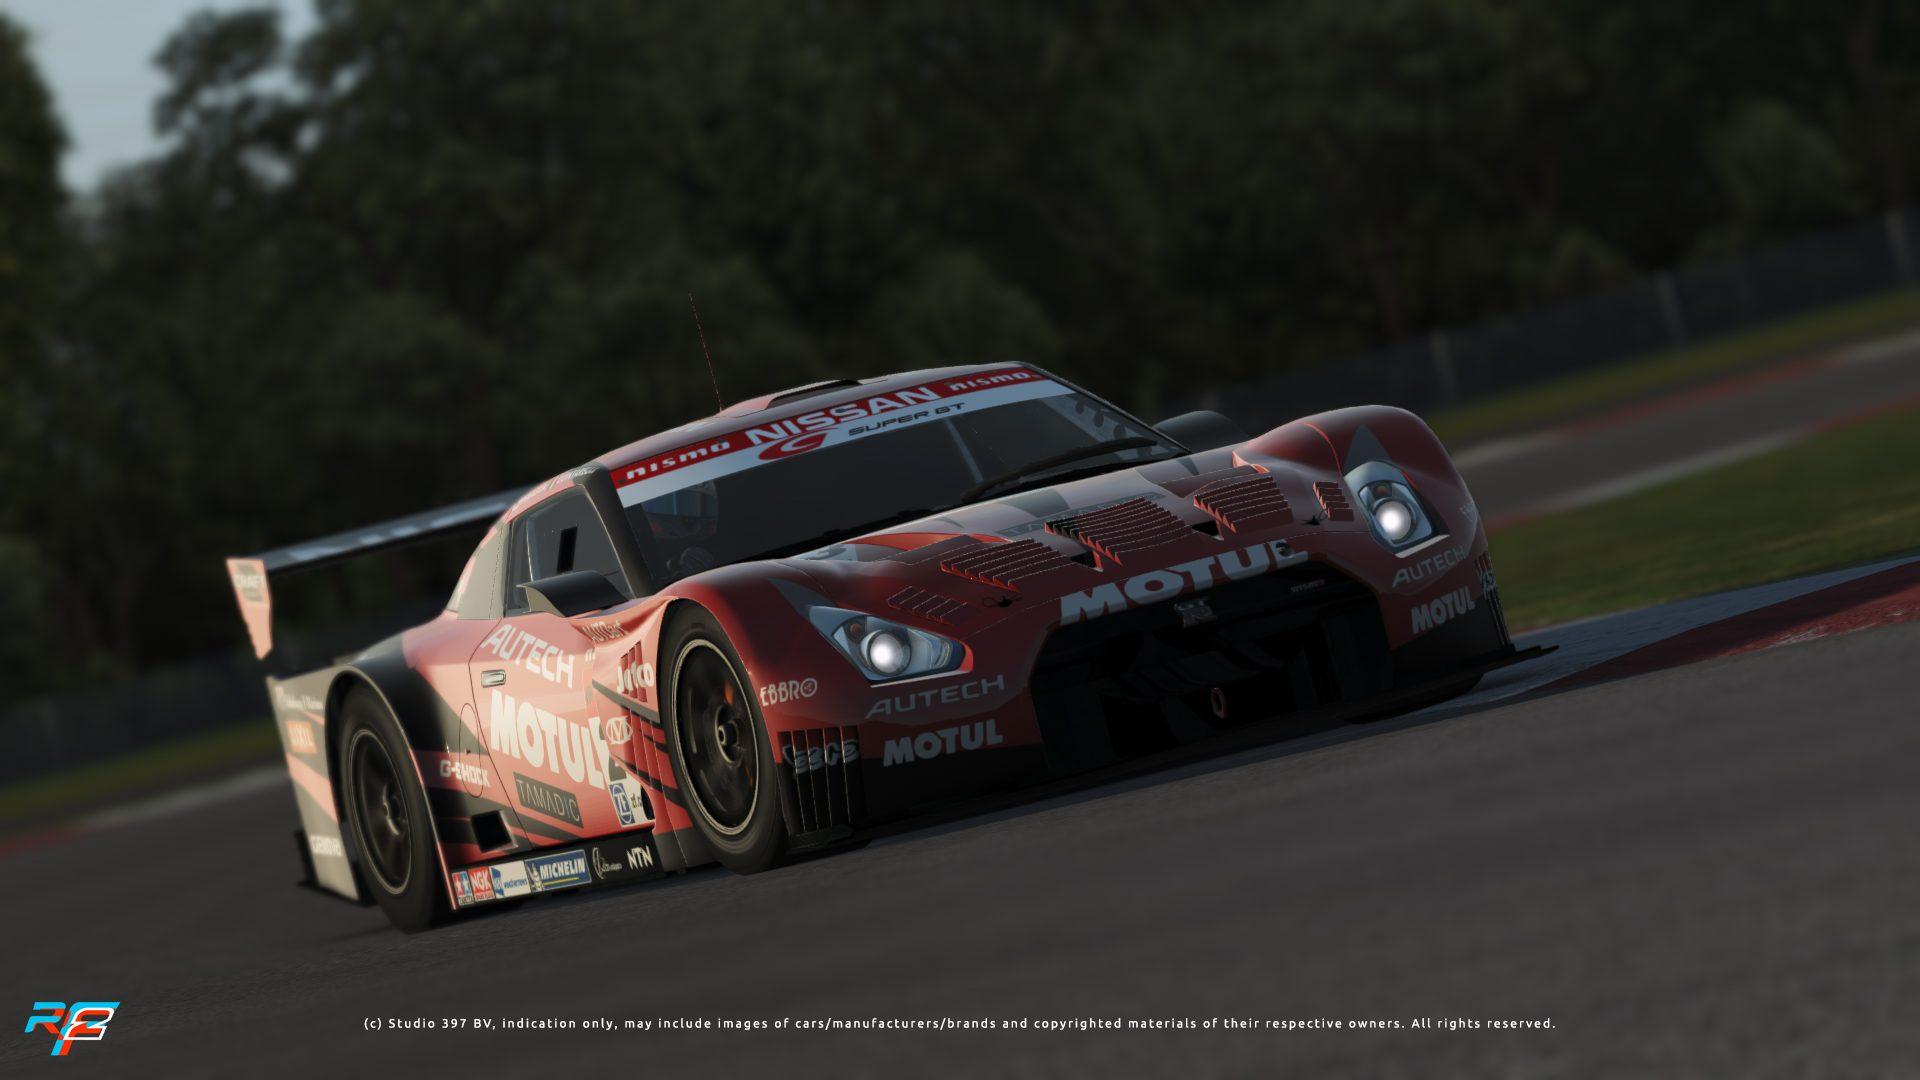 Nissan_GT500_01-1920x1080.jpg